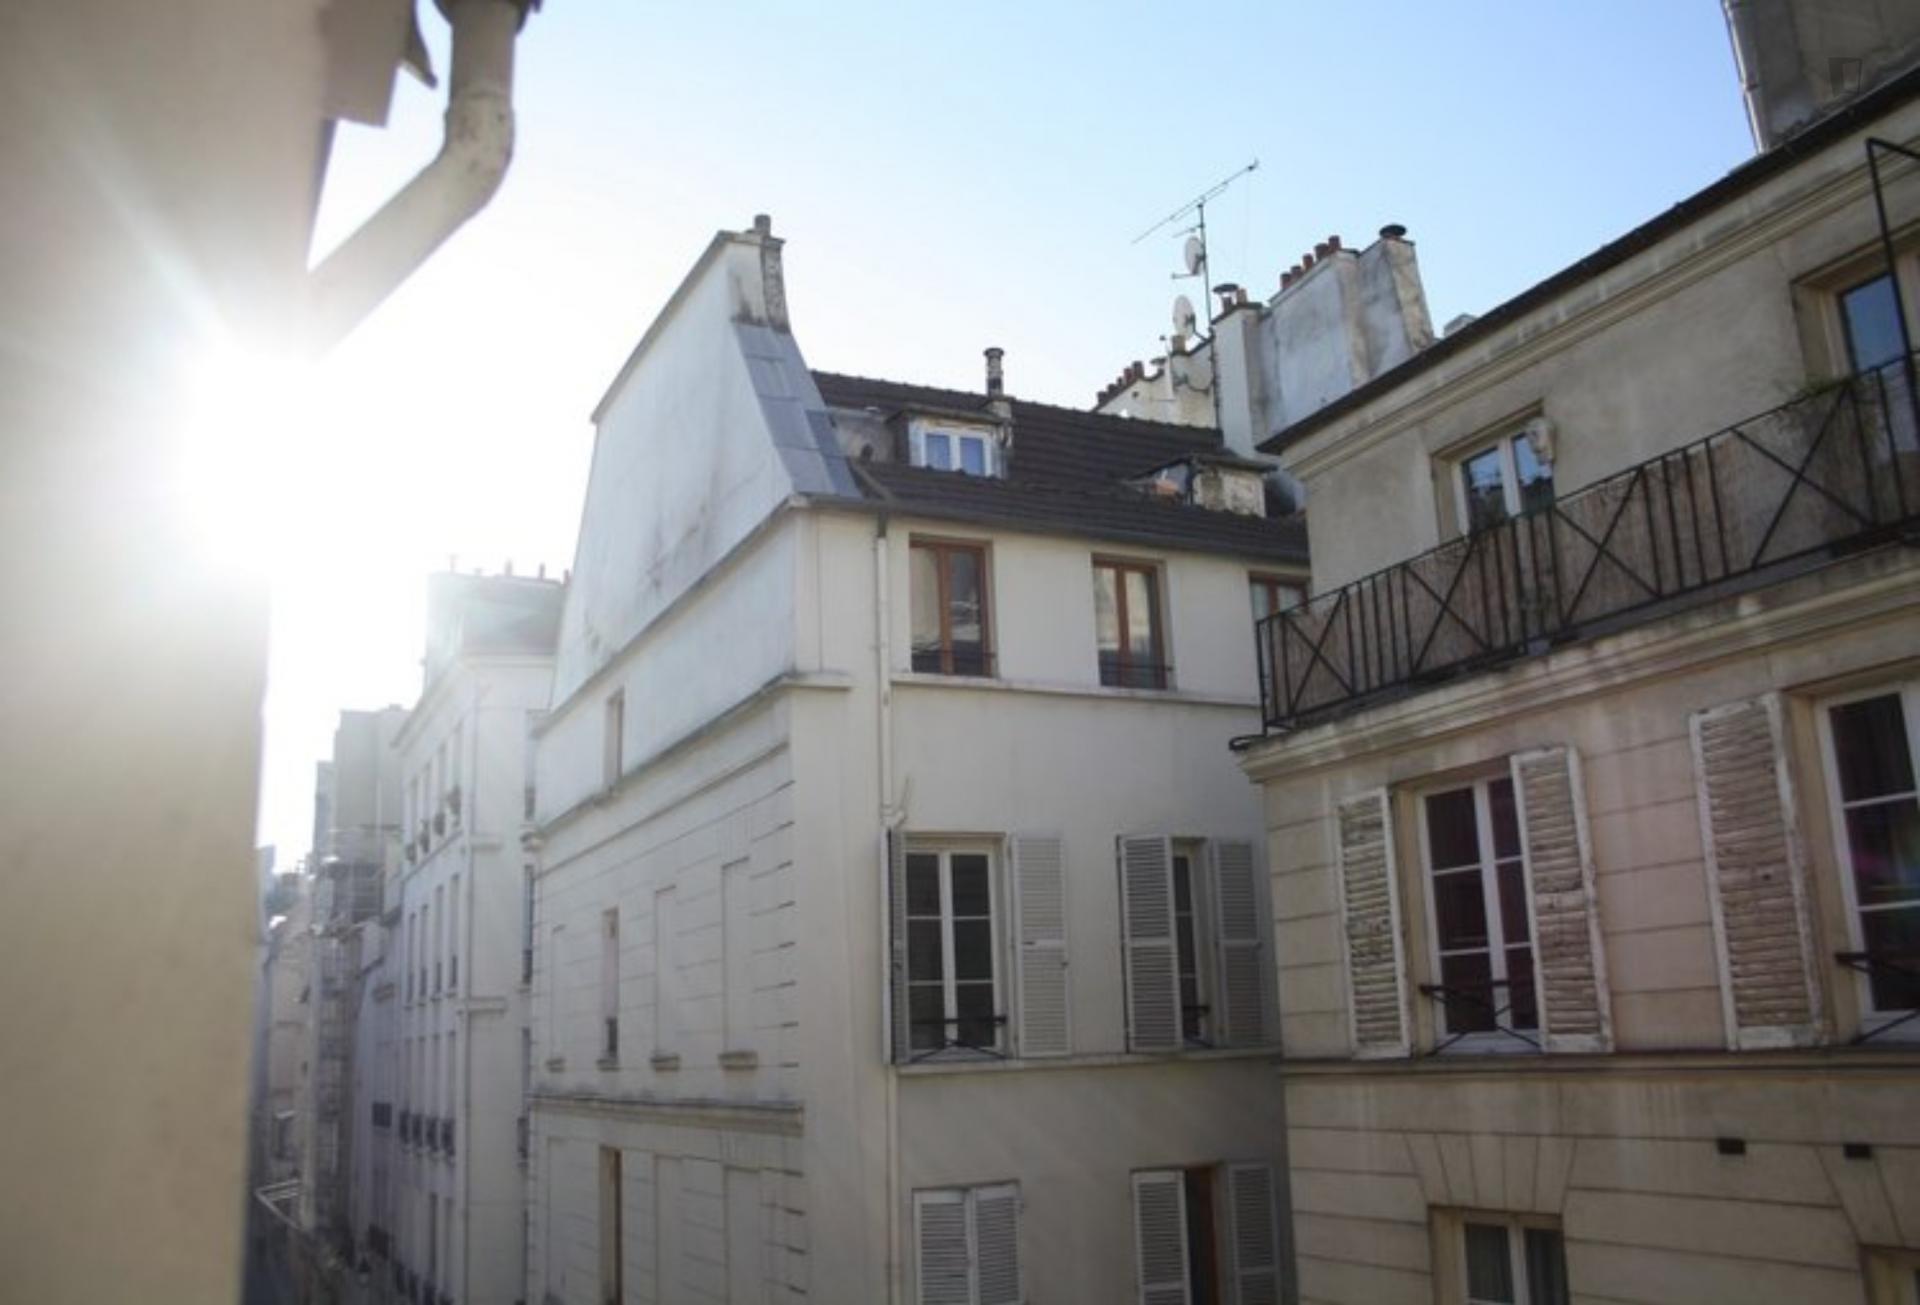 Bourse - Admirable studio in Paris